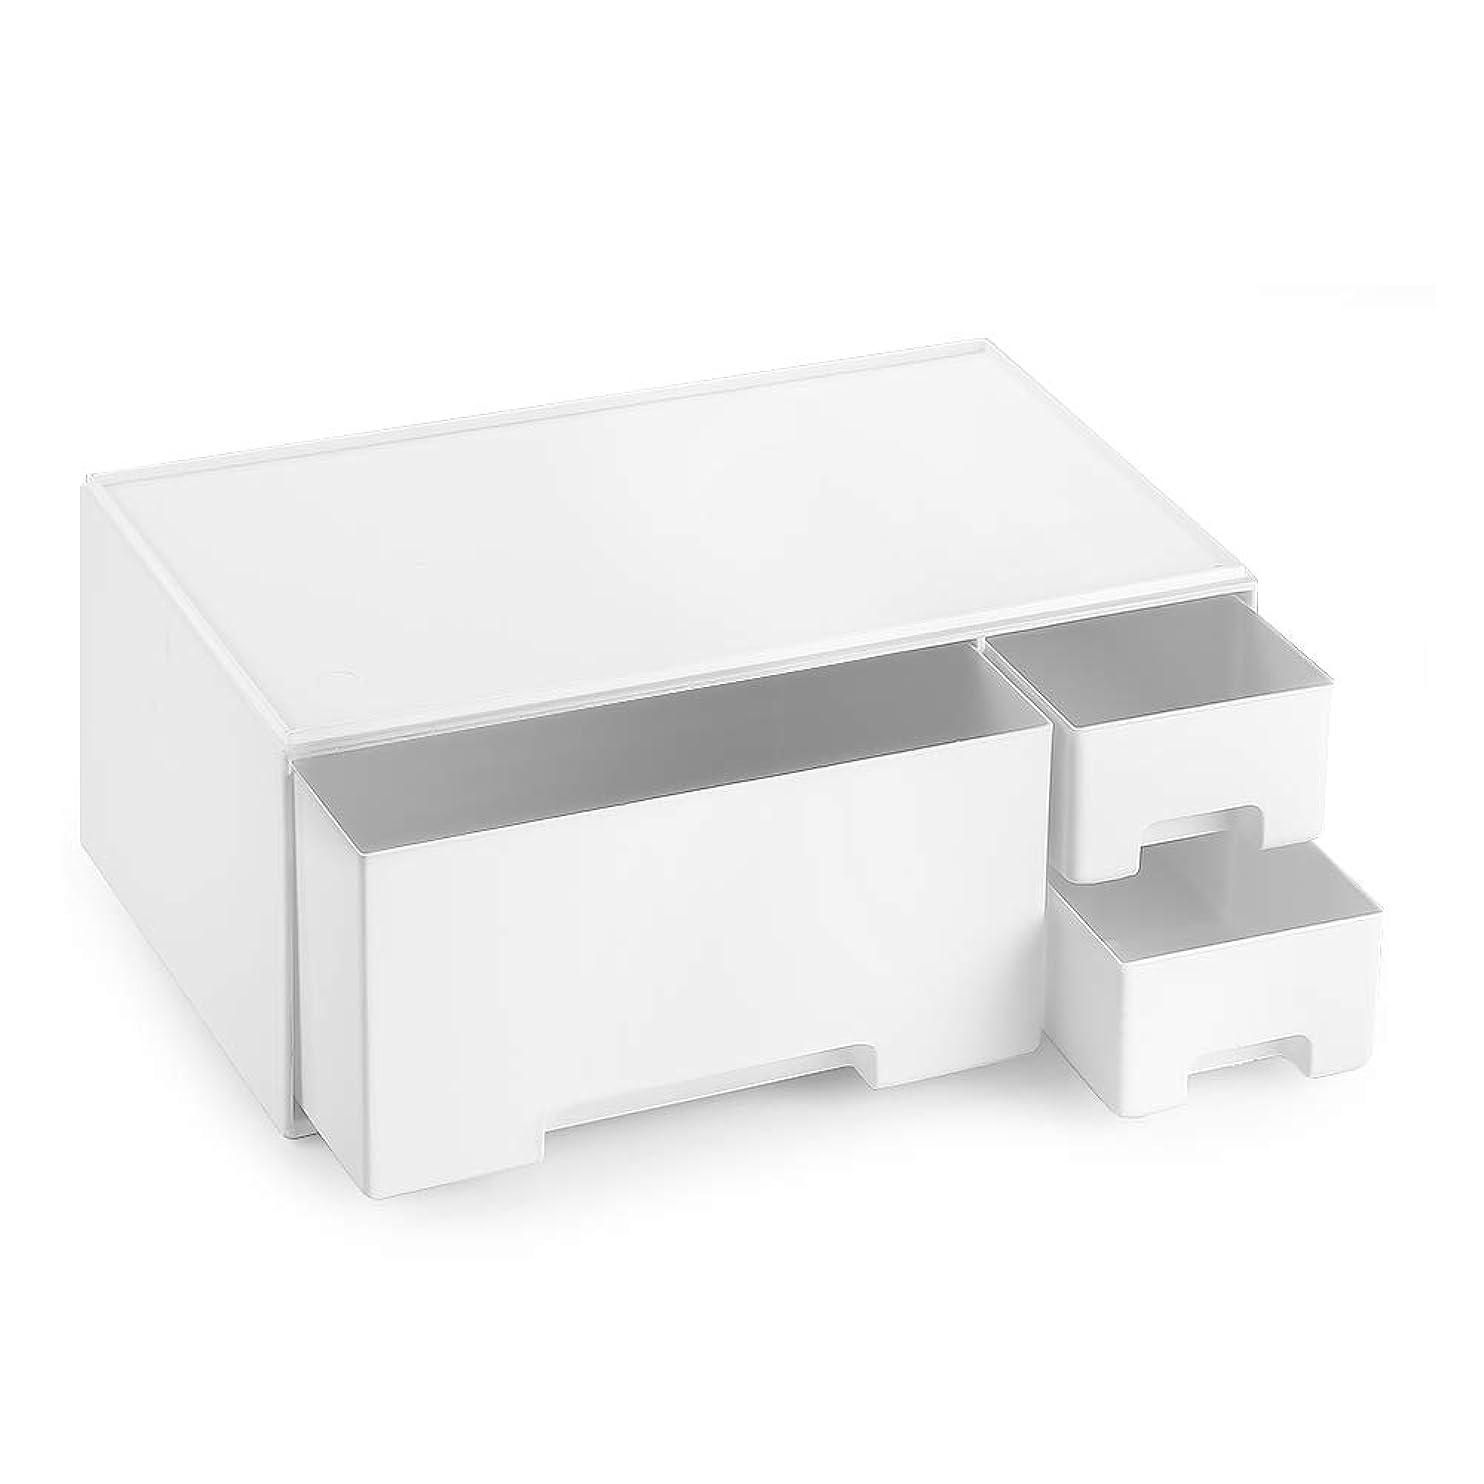 ラックつかまえる役割メイクボックス 化粧品収納 コスメ収納 引き出し 小物/化粧品入れ リモコンラック テーブル収納 コスメ収納スタンド ジュエリーボックス ブラシホルダー 卓上収納 - 下段